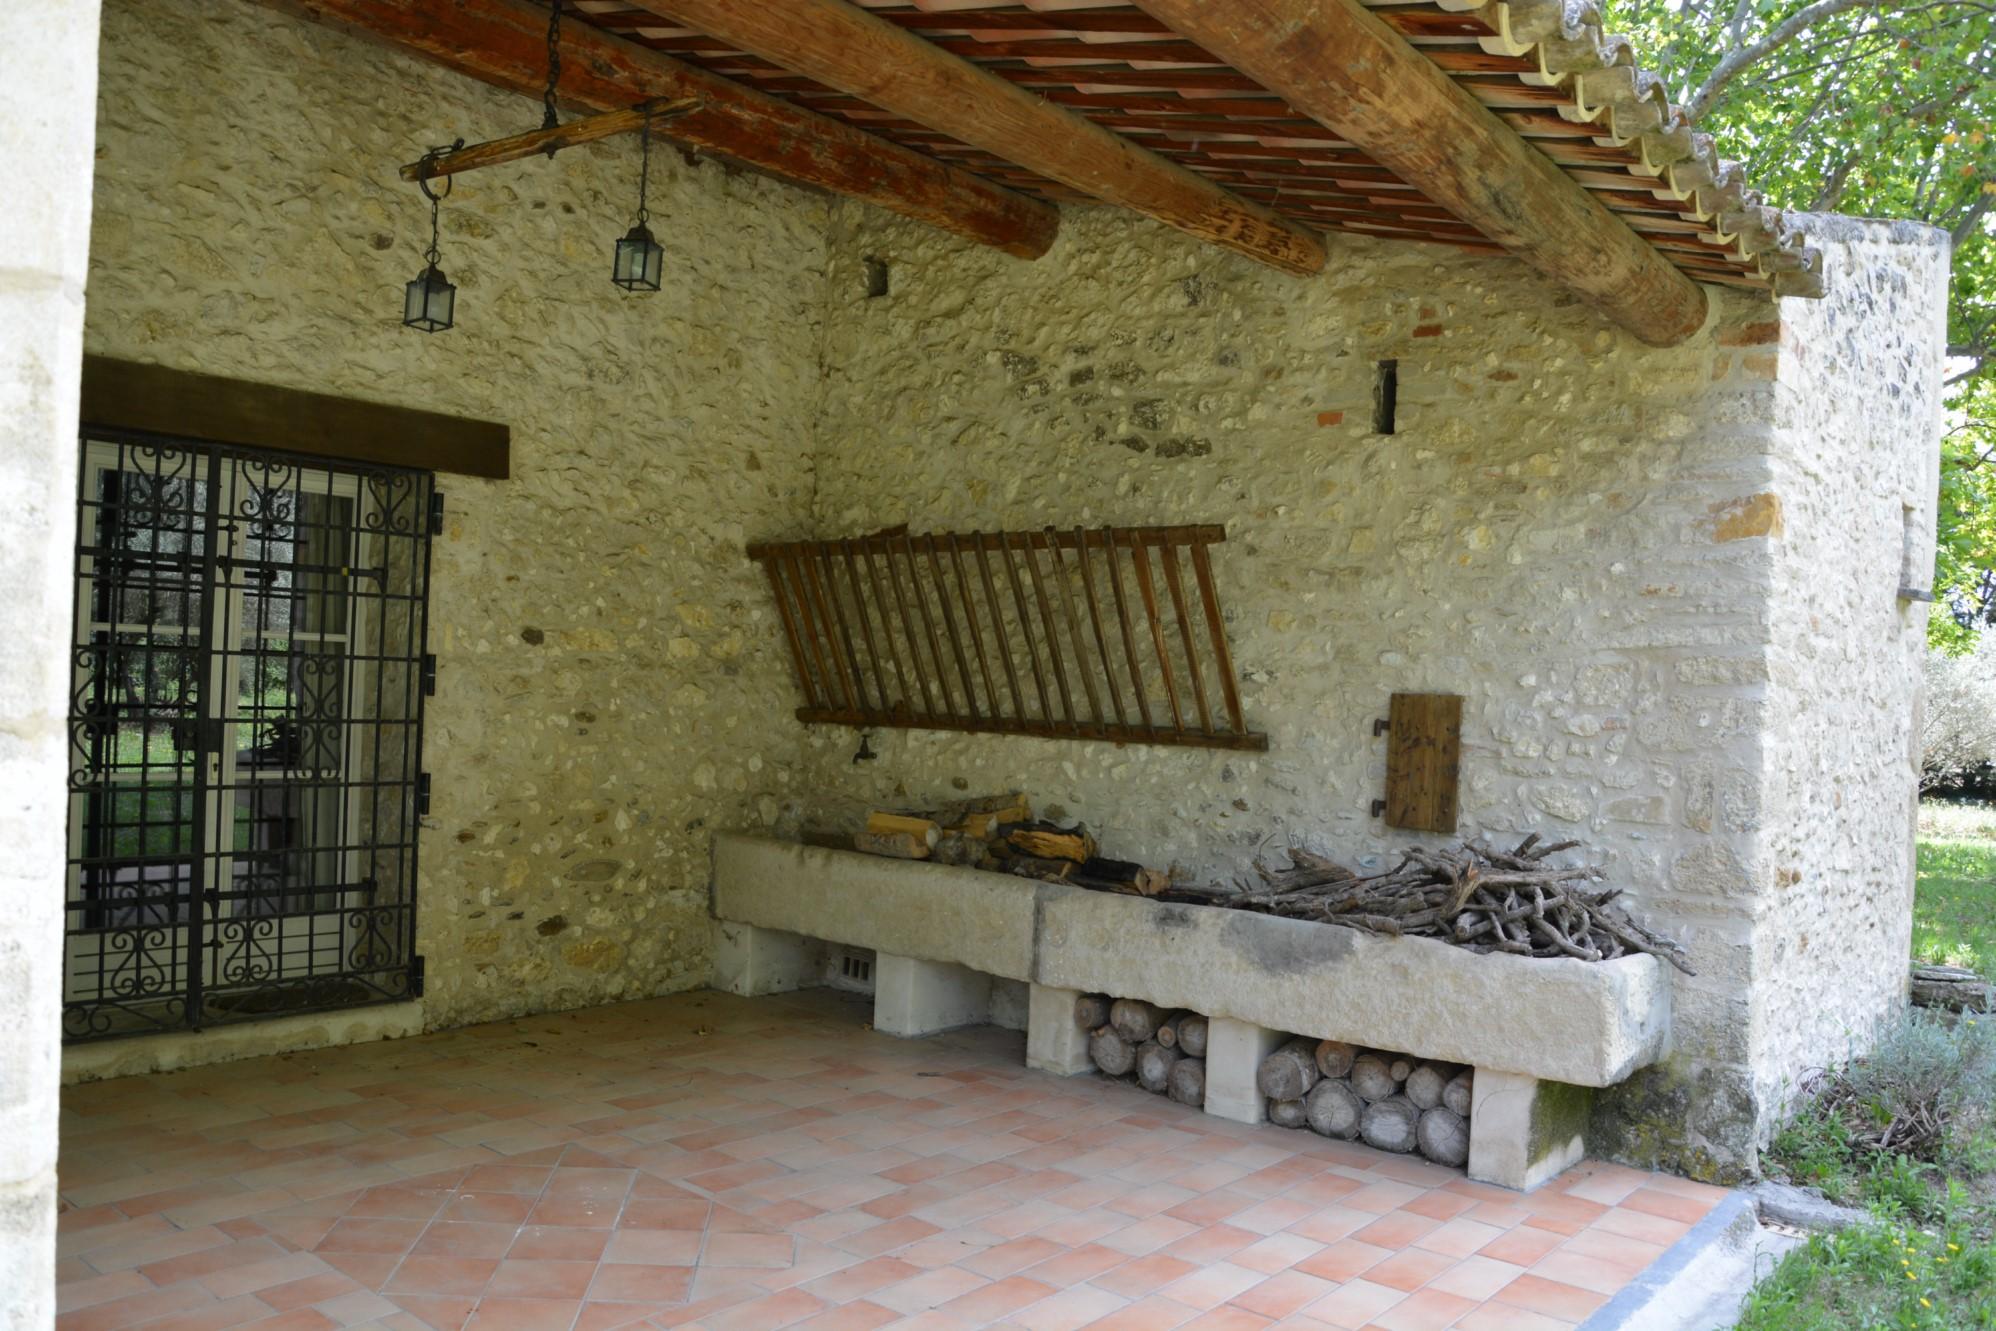 En vente,  près d'Avignon, mas provençal rénové avec piscine  sur 1.5 hectare